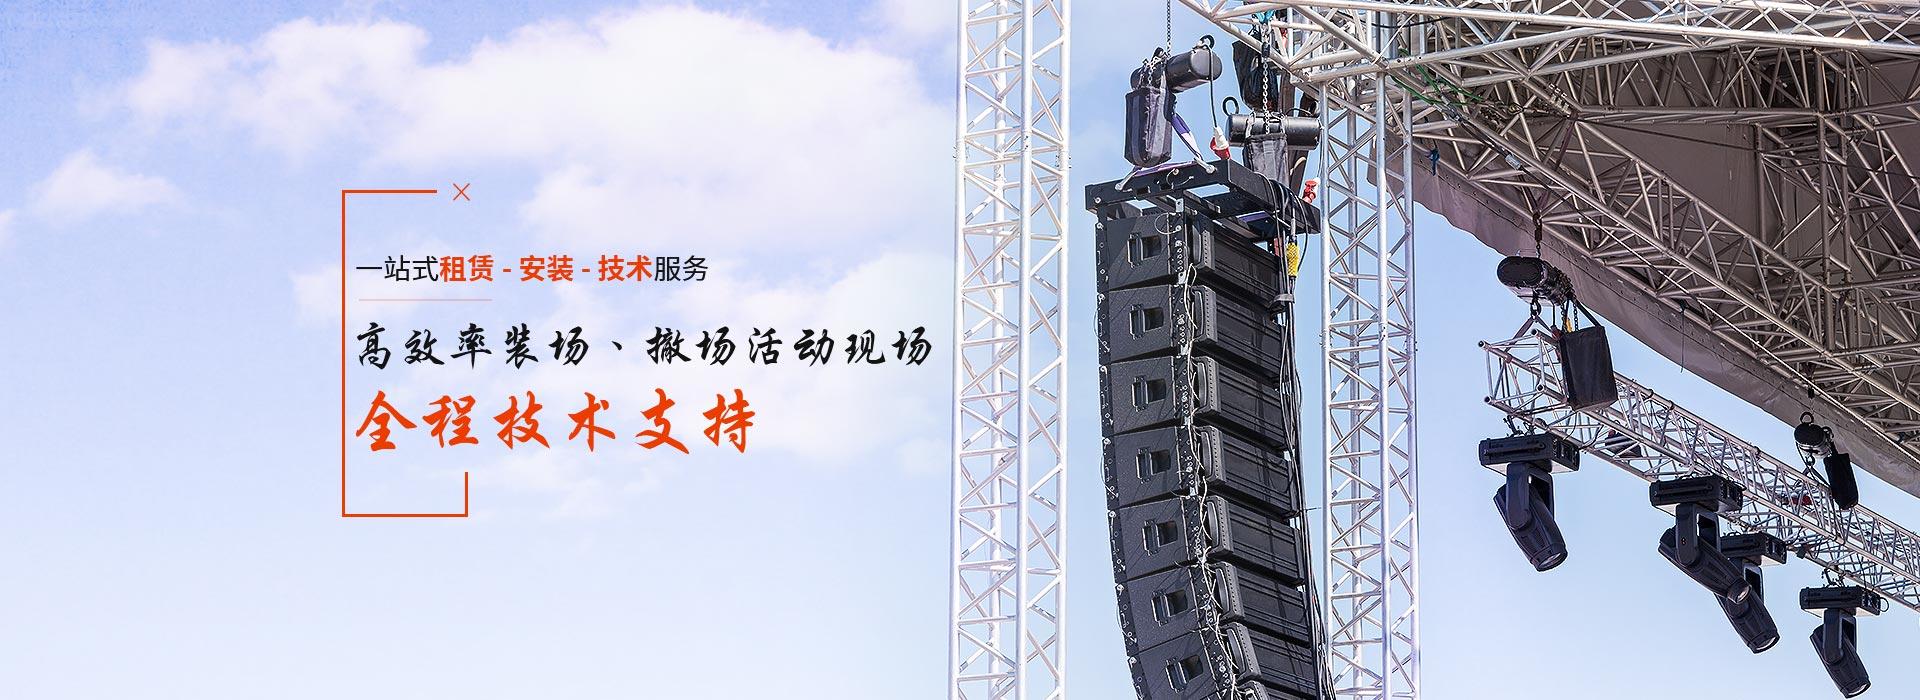 鑫禾舞美一站式租赁-安装-技术服务